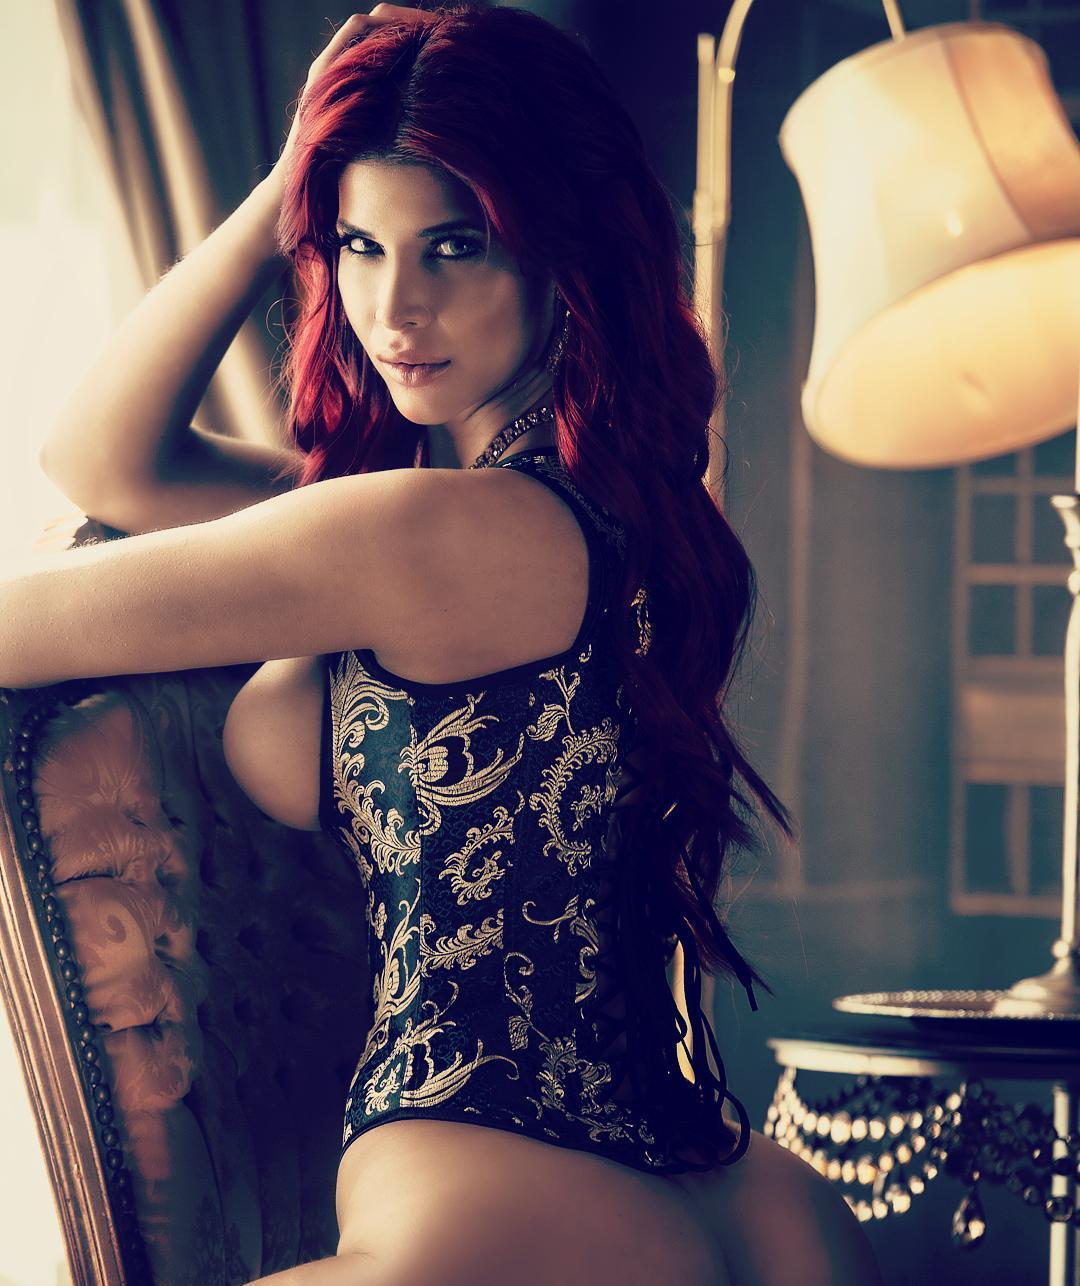 Micaela Schaefer Topless 4 2 Sn25956